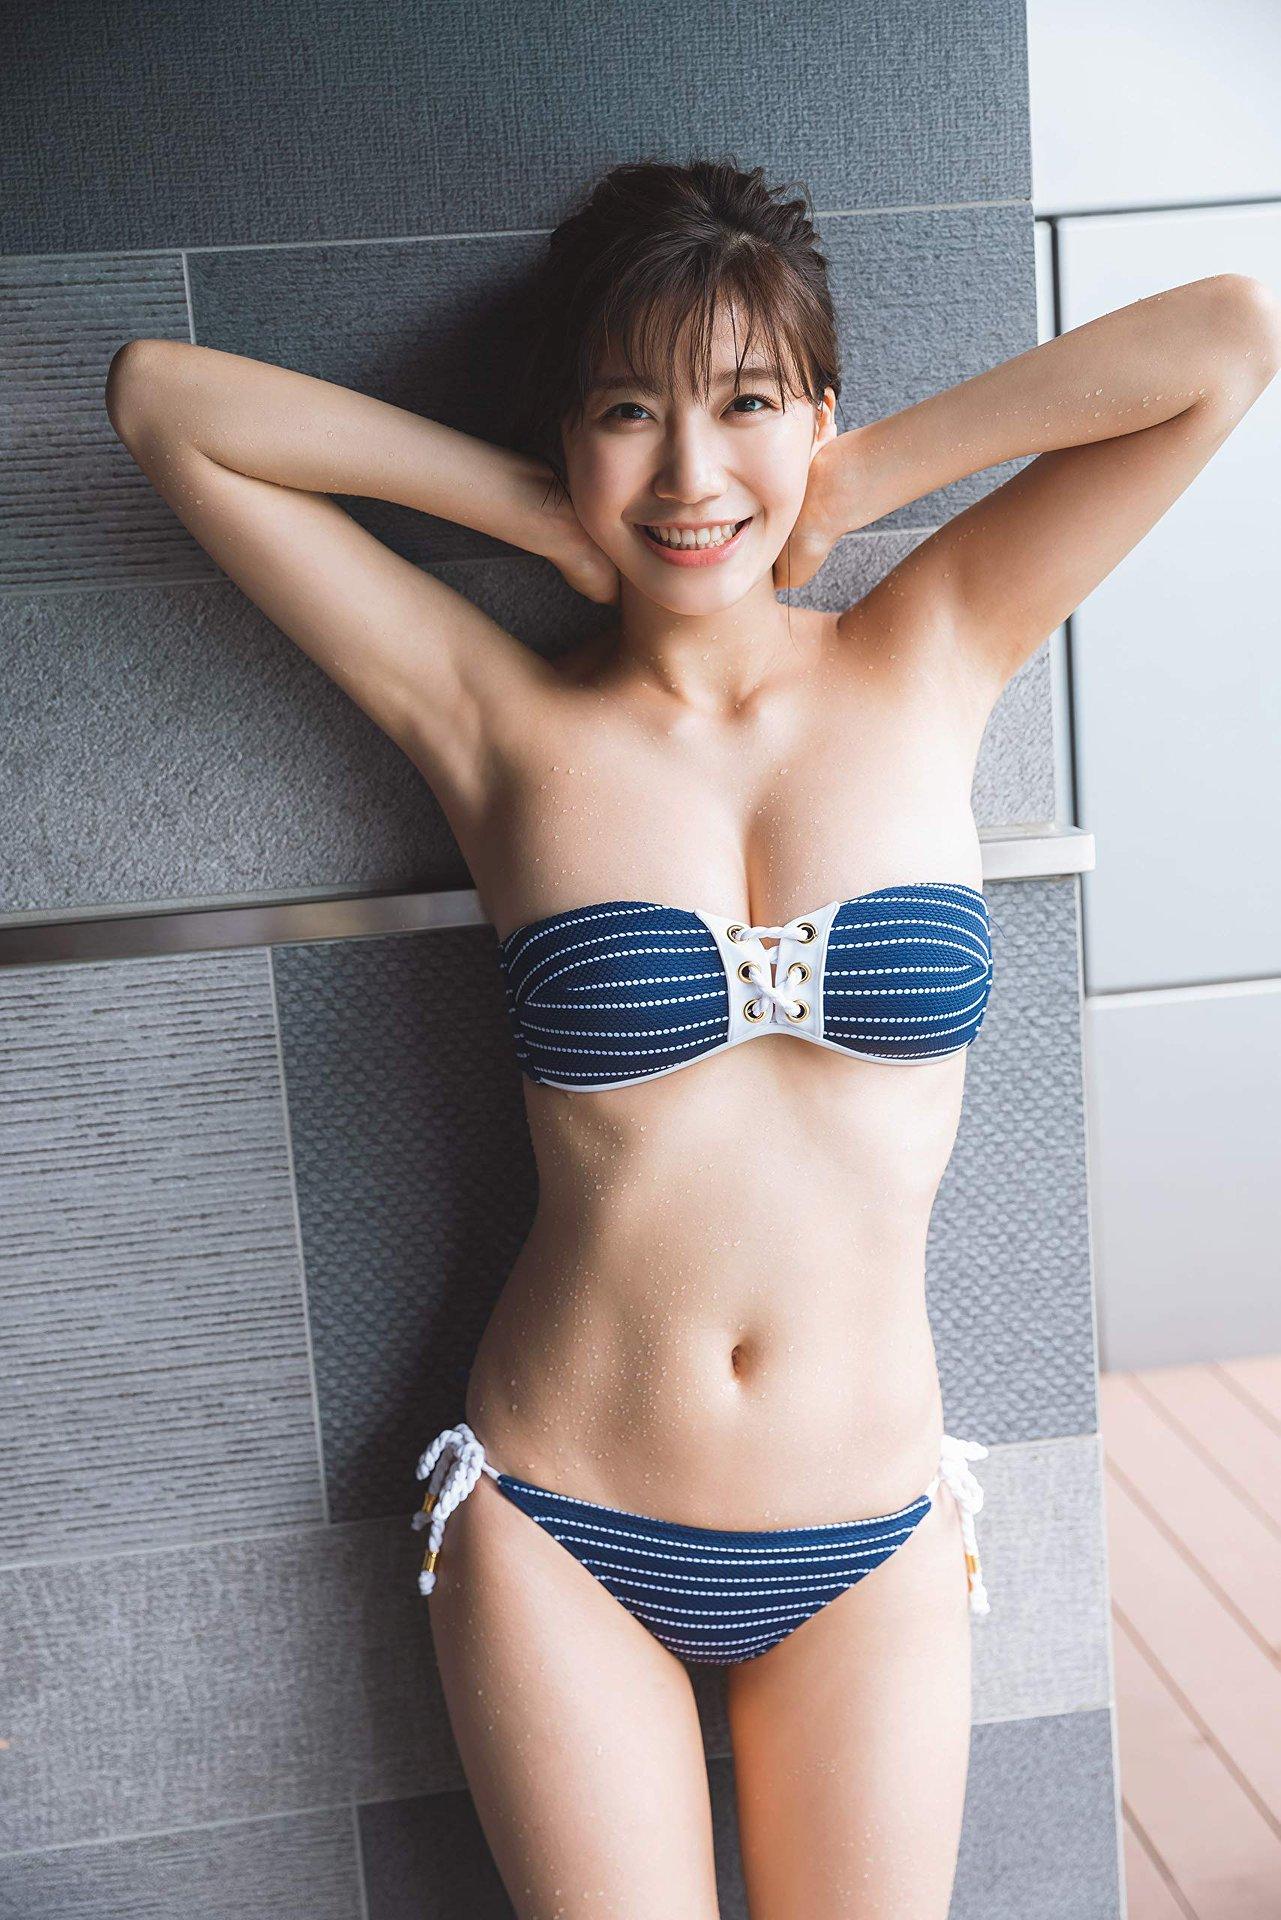 Yuka_Ogura_j_photo_17.jpg